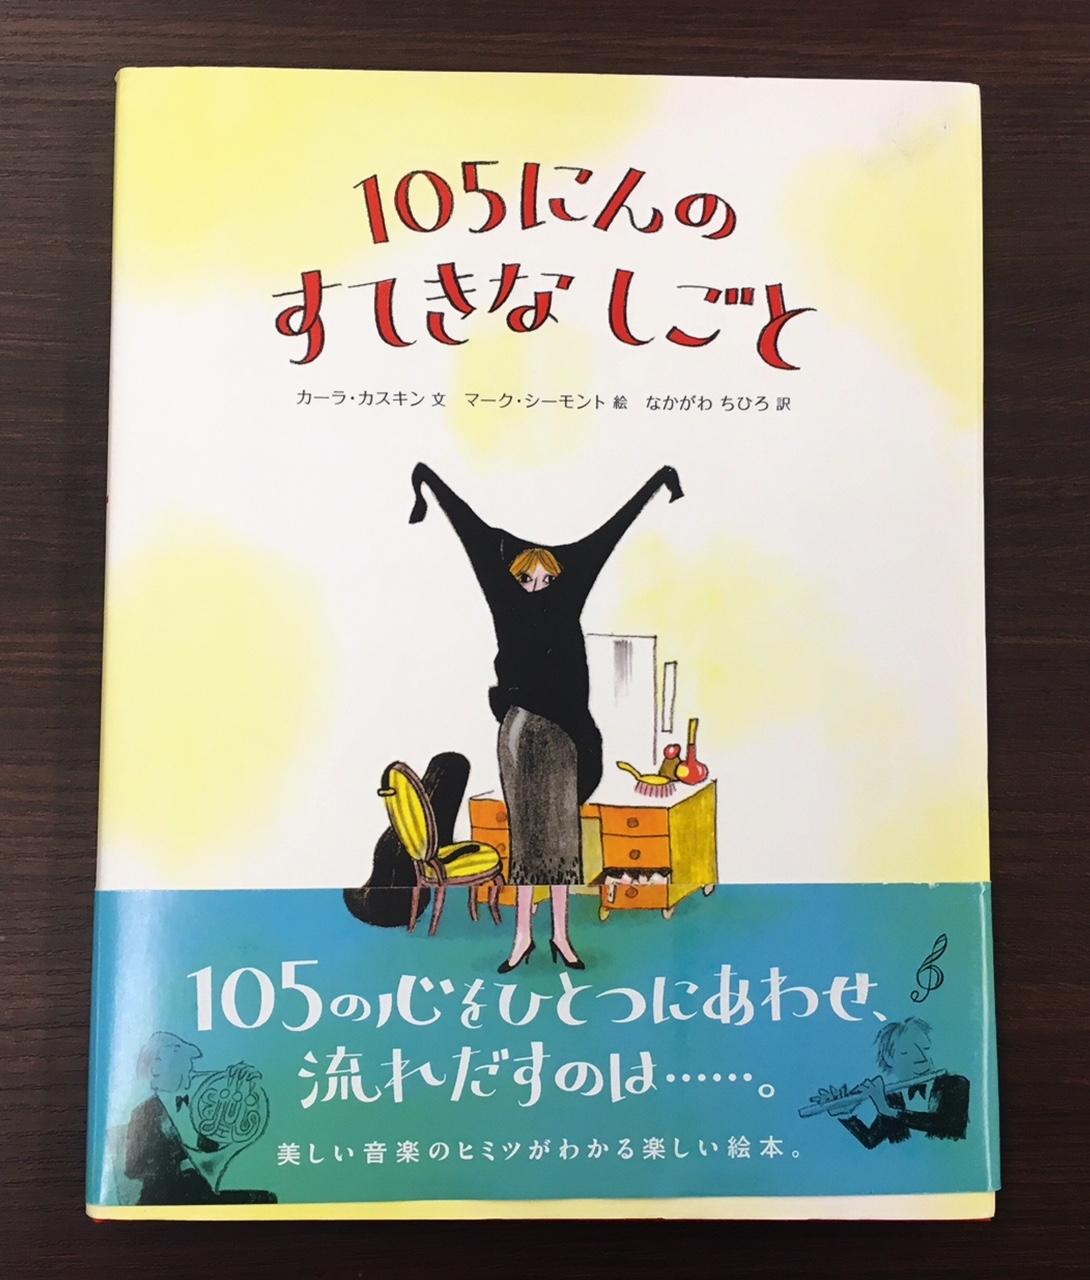 2018/09/06RNC西日本放送さわや...